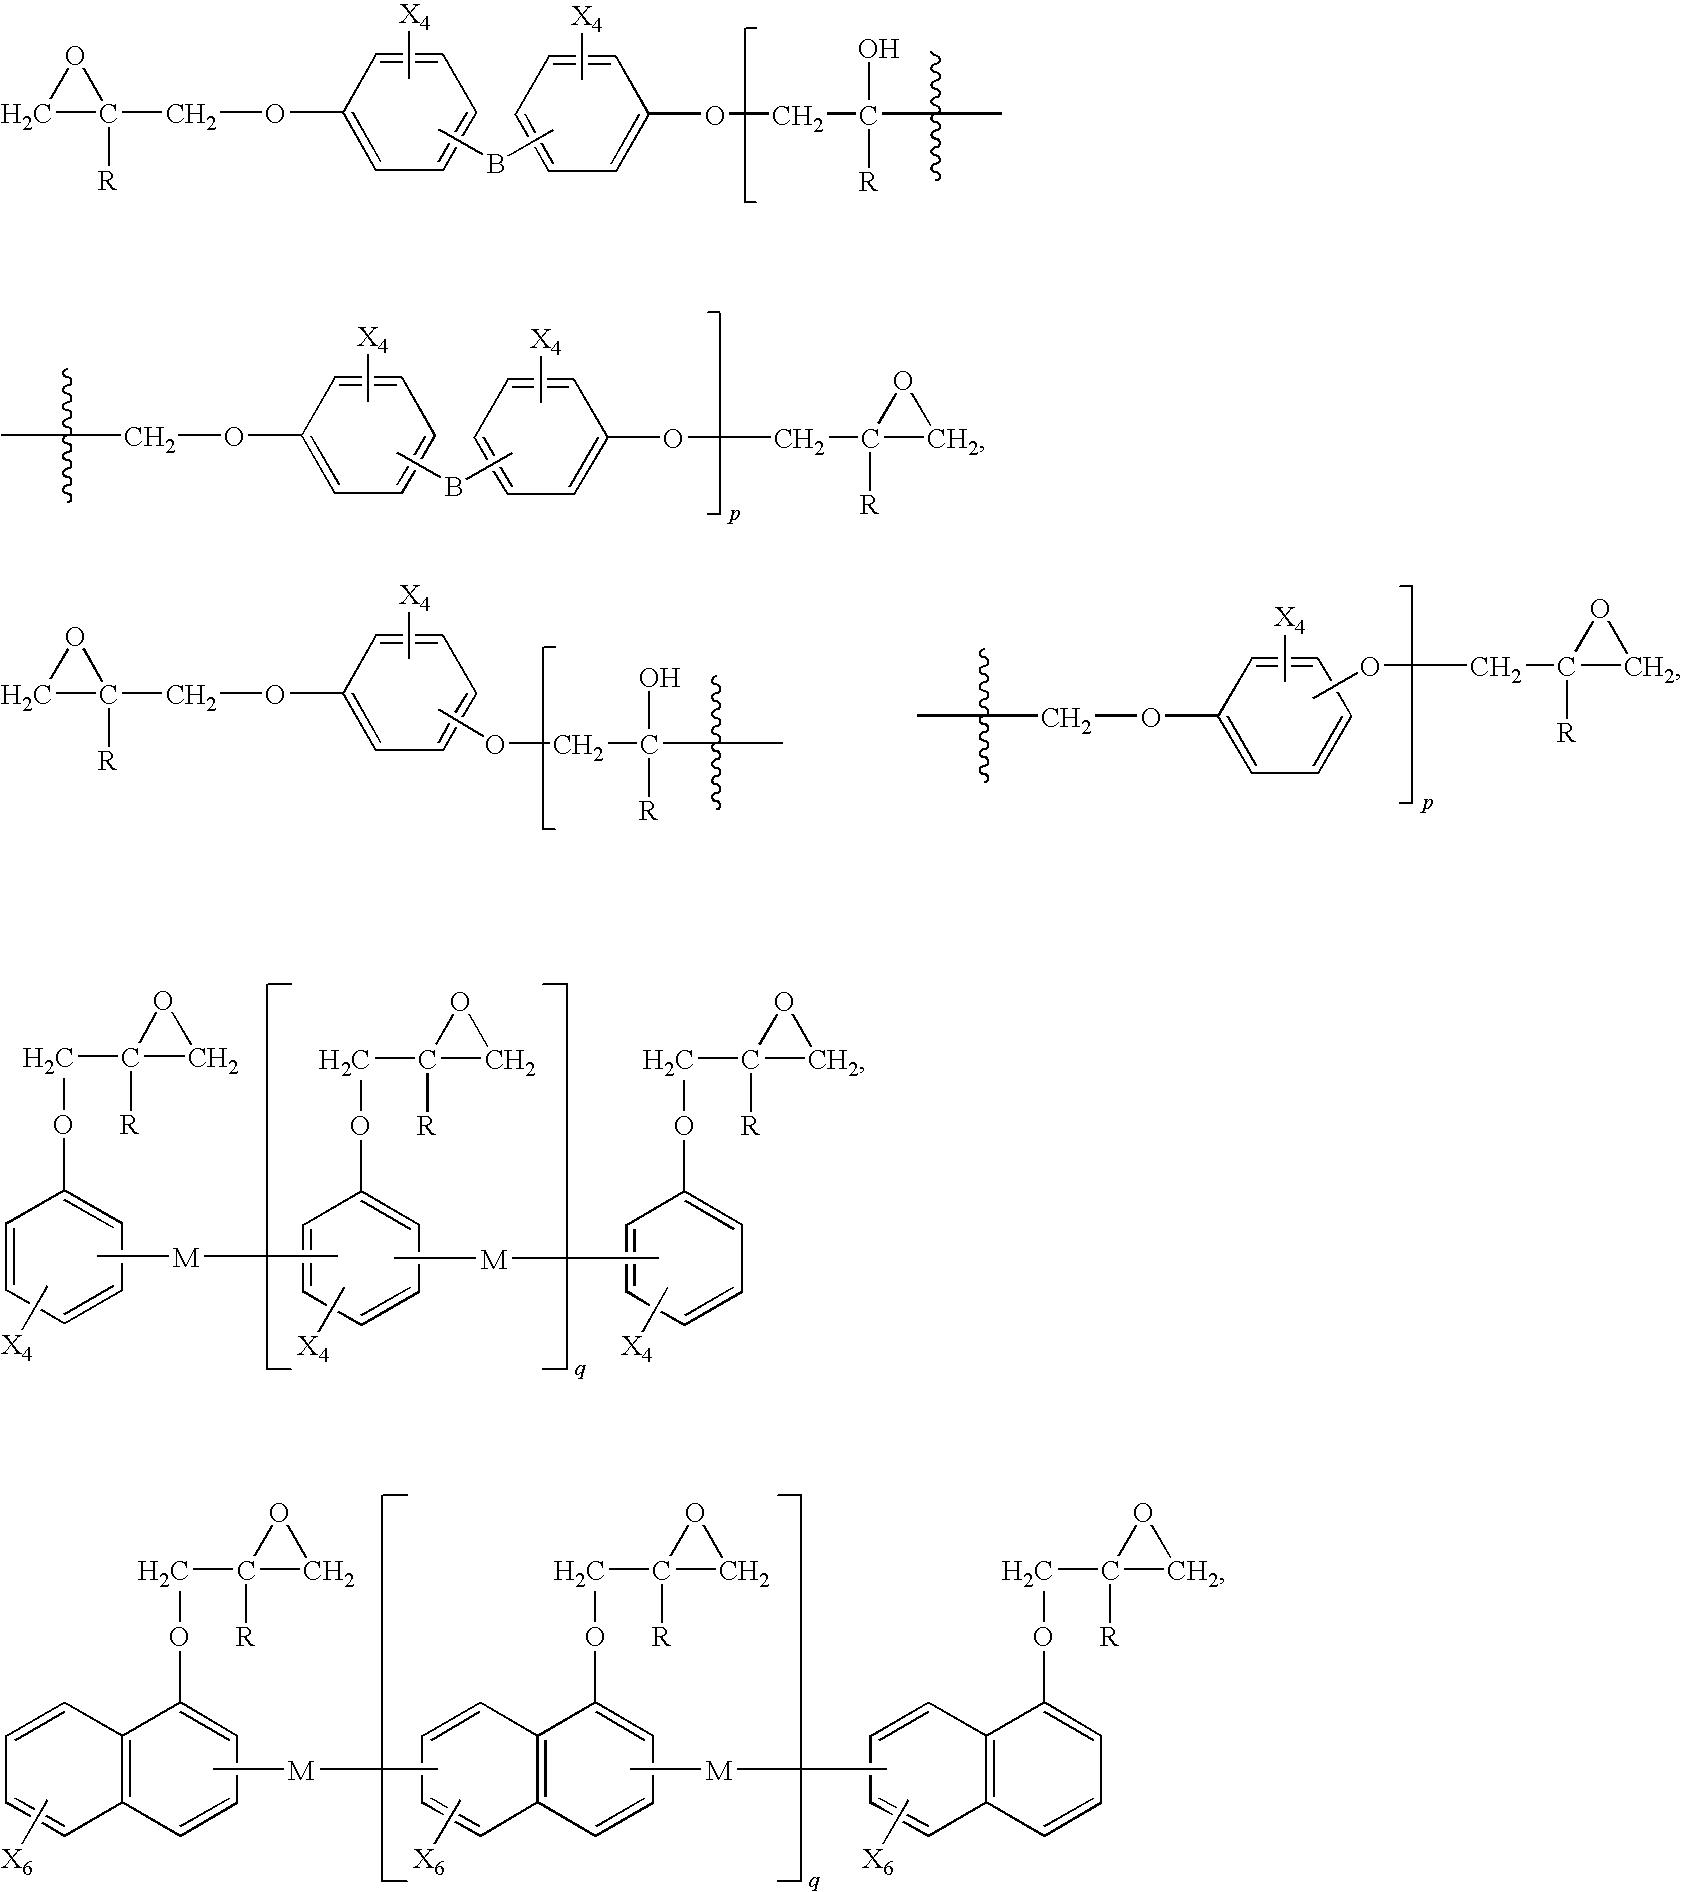 Figure US20100084170A1-20100408-C00004